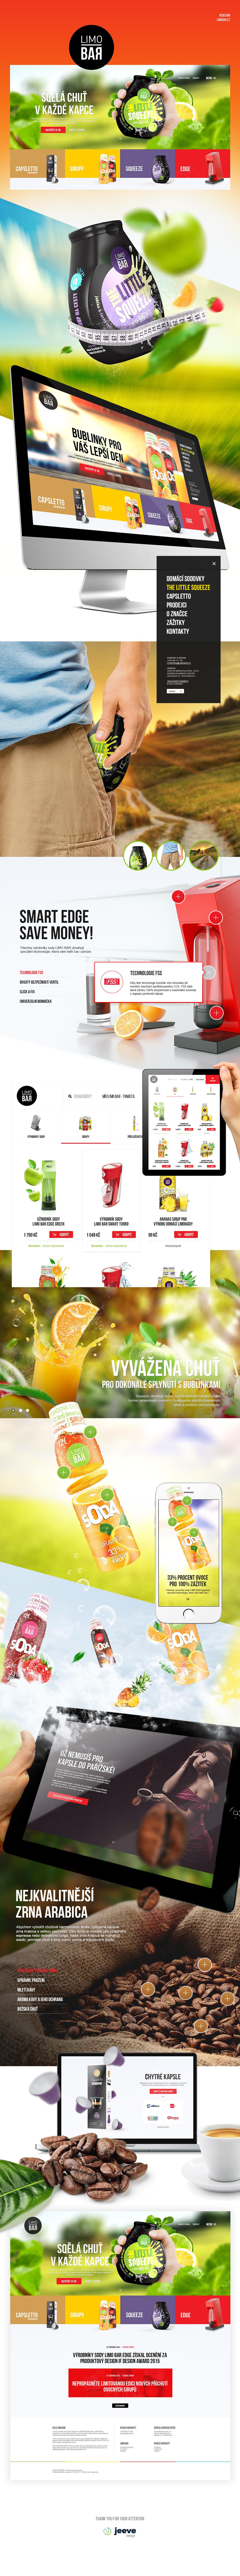 drink,Food ,juice,clean,full screen,orange,healthy,soda